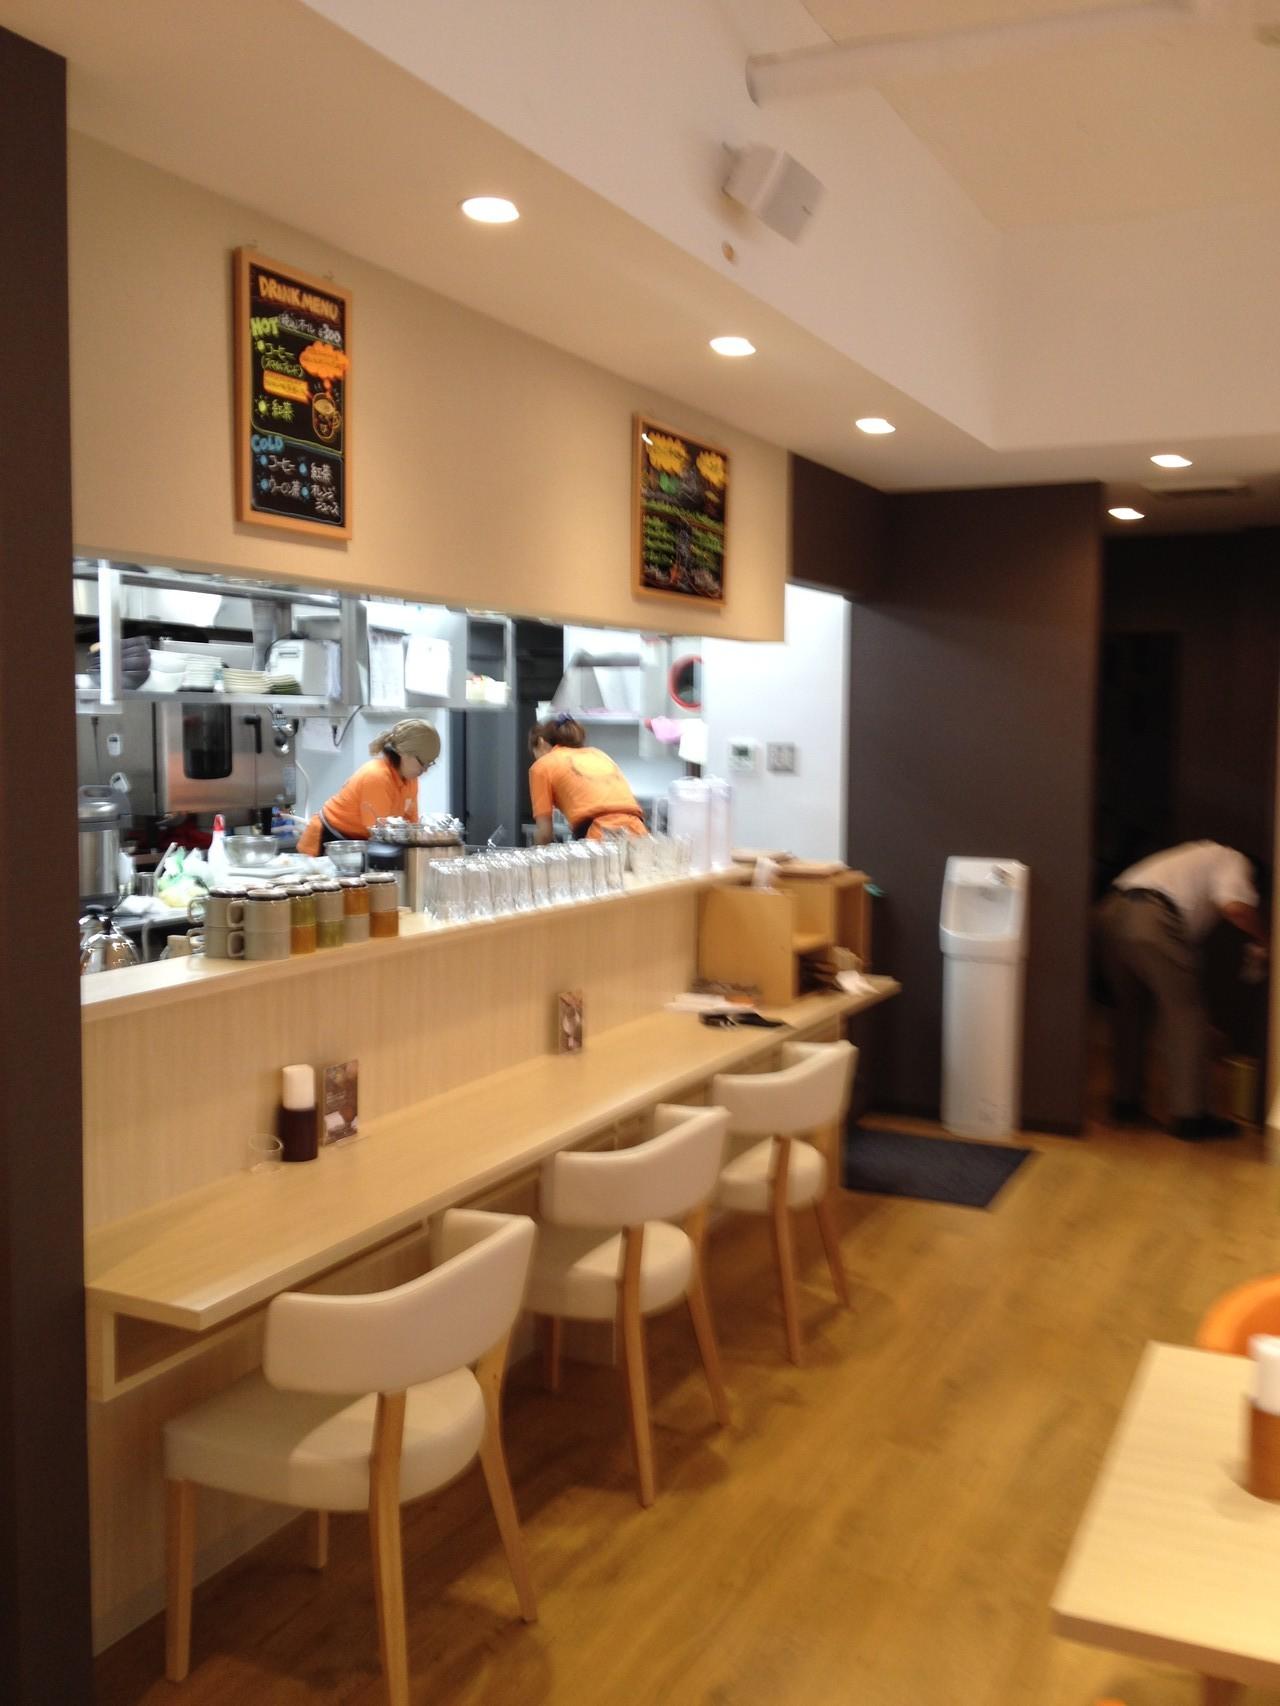 ハウス食品グループ本社が展開する団地食堂「スマイルデイズ」。私たちも応援します。